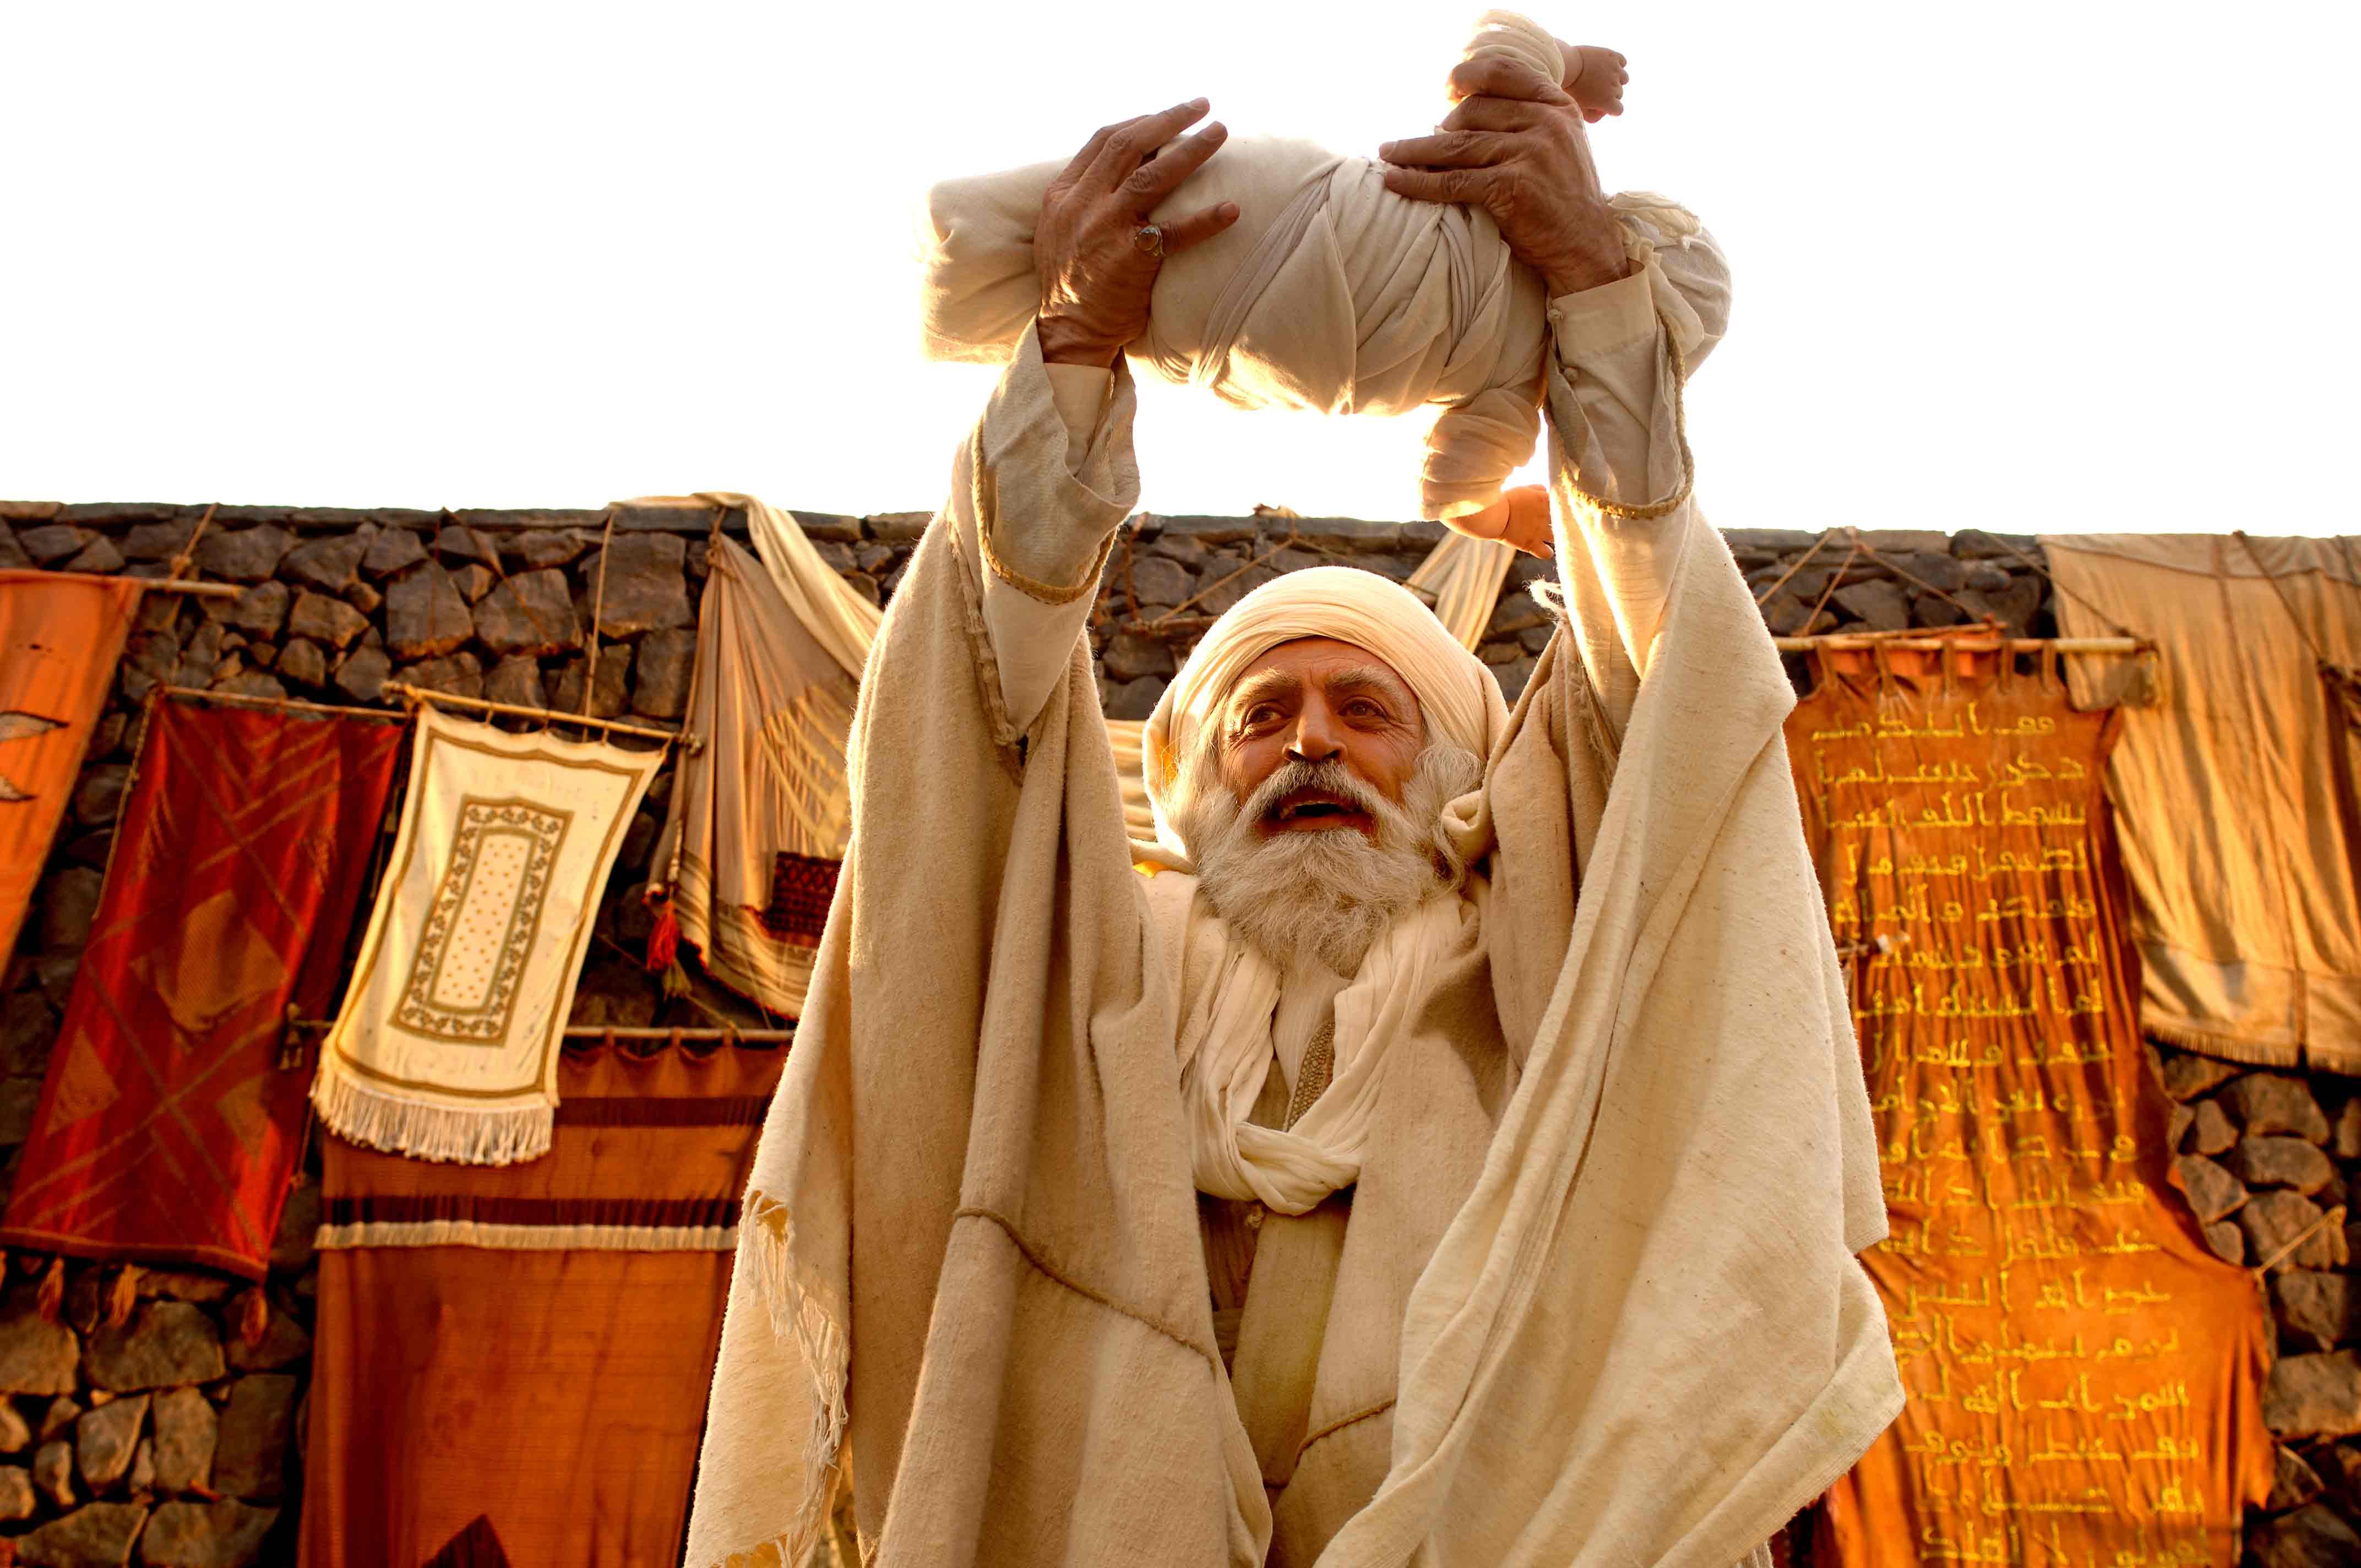 لحظه بدنیا آمدن محمد(ص) در فیلم محمد رسولالله